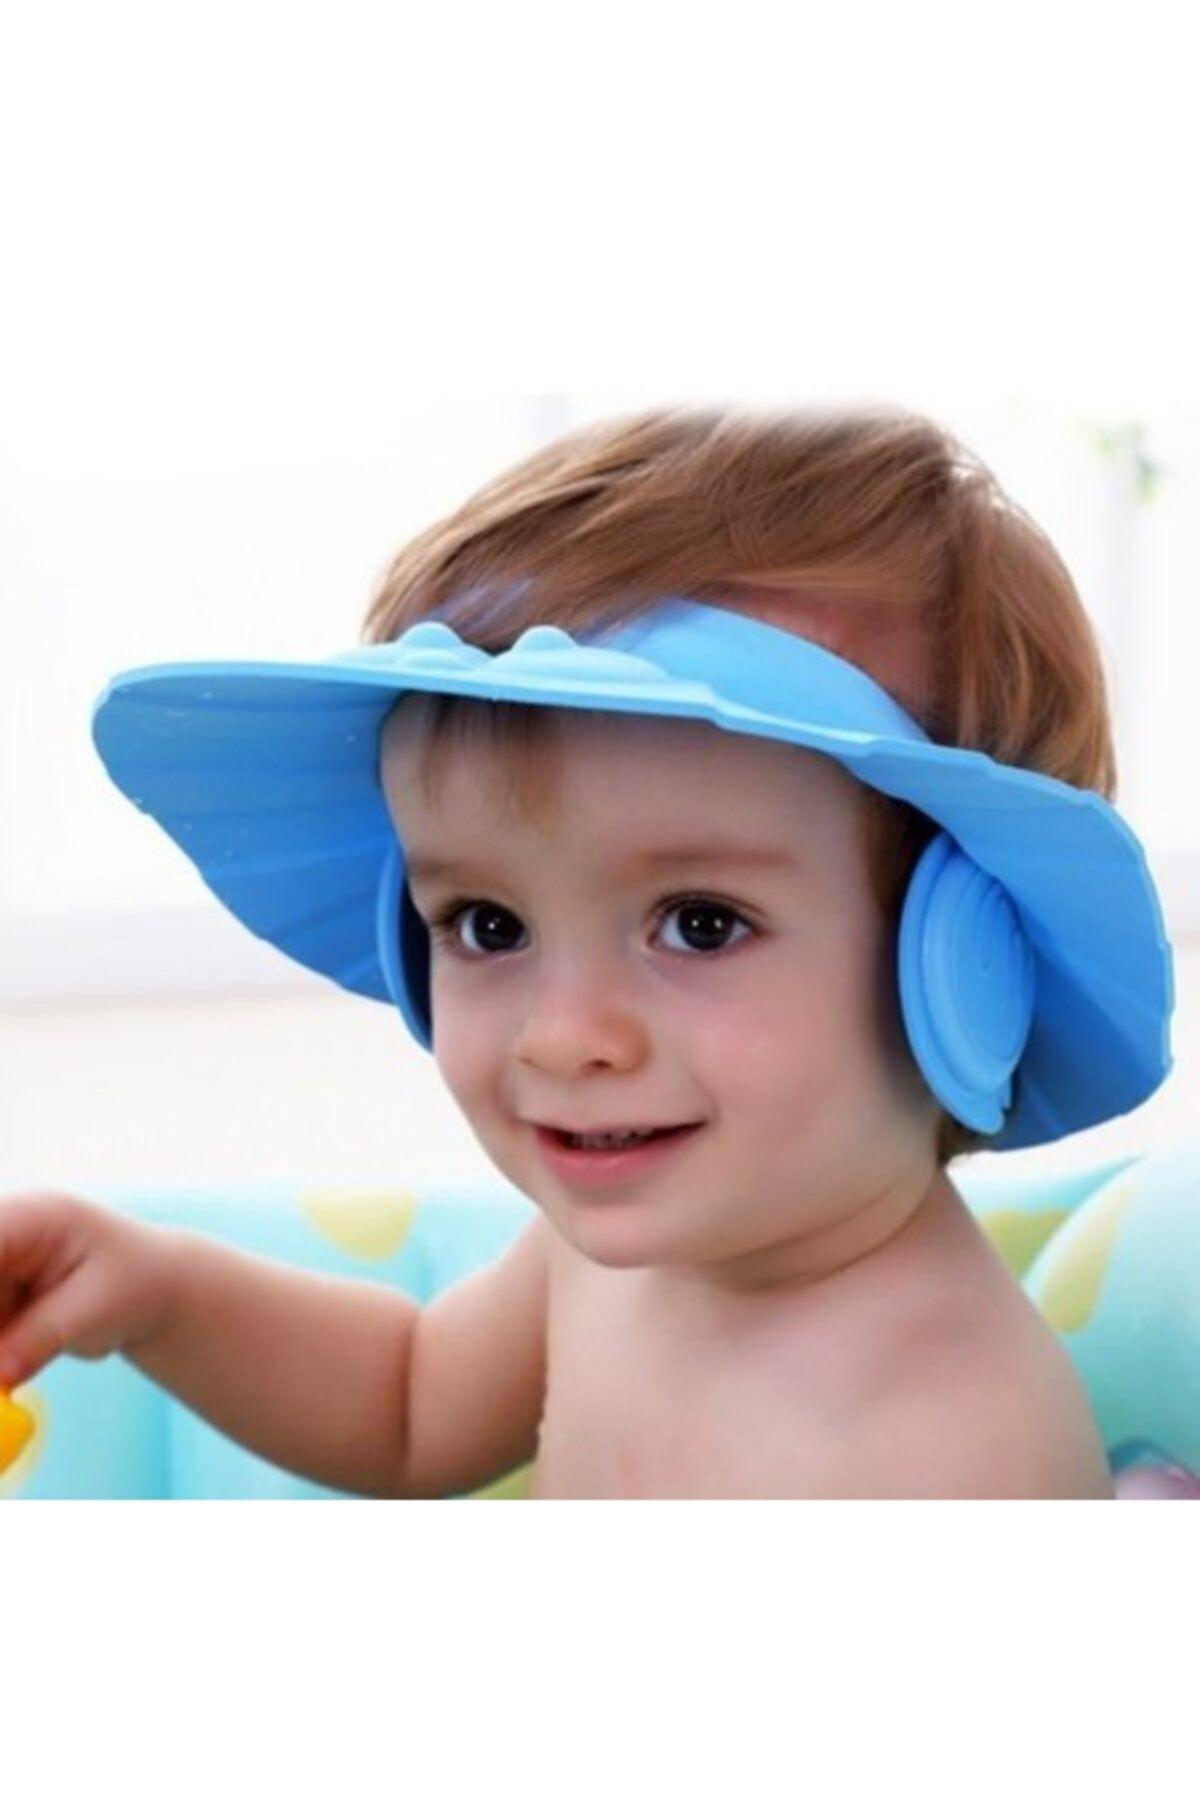 andela Bebek Banyo Şapkası Düğmeli Kulaklıklı 1